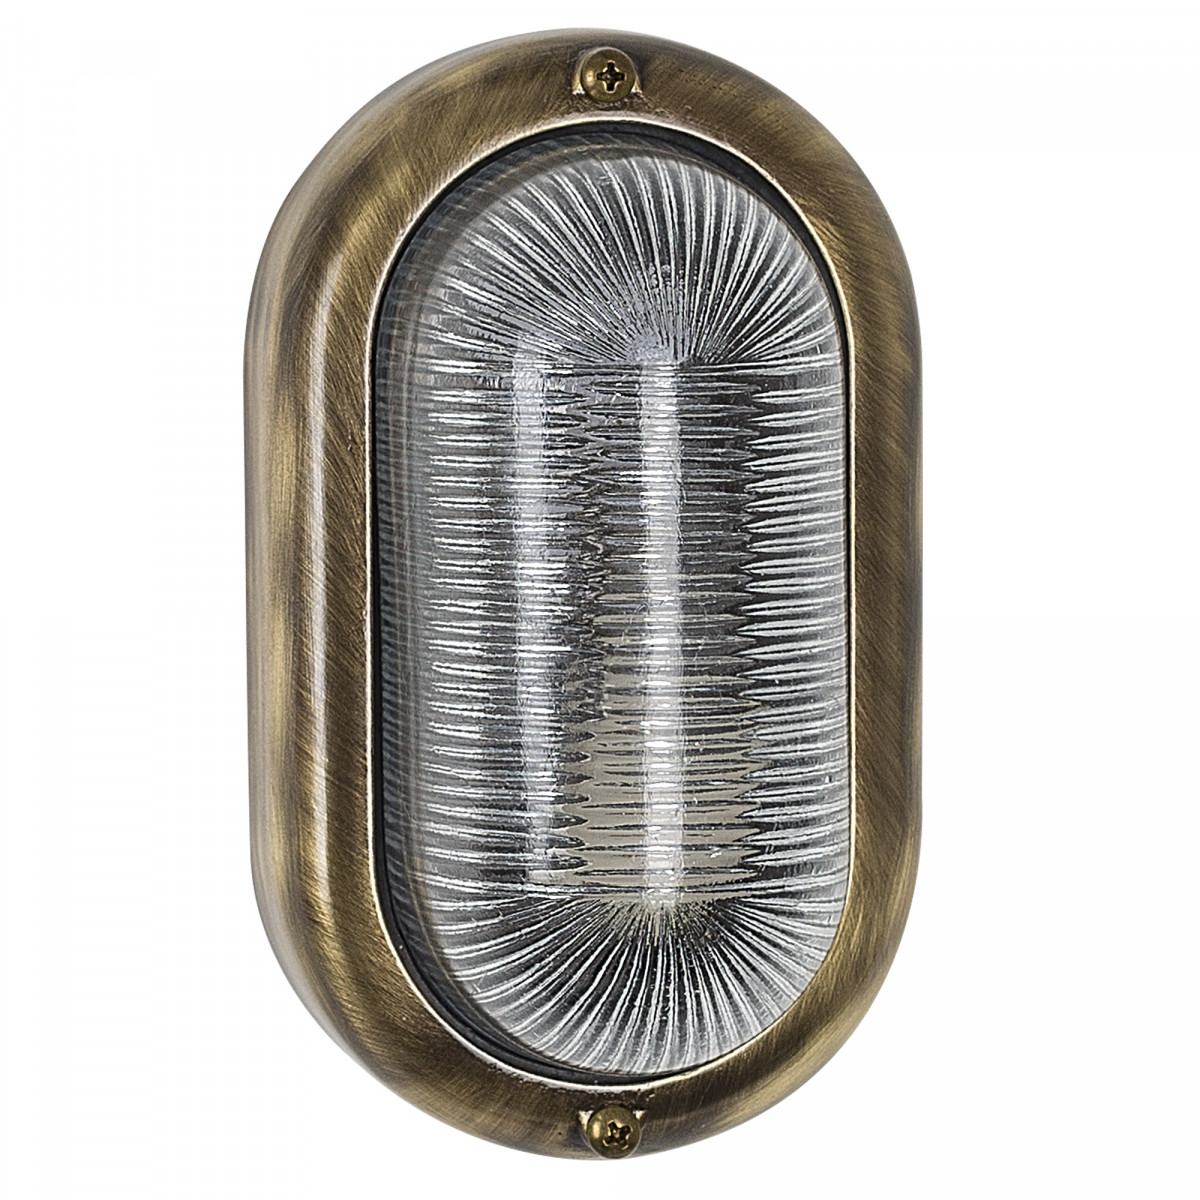 Scheepslamp Ochi Brons